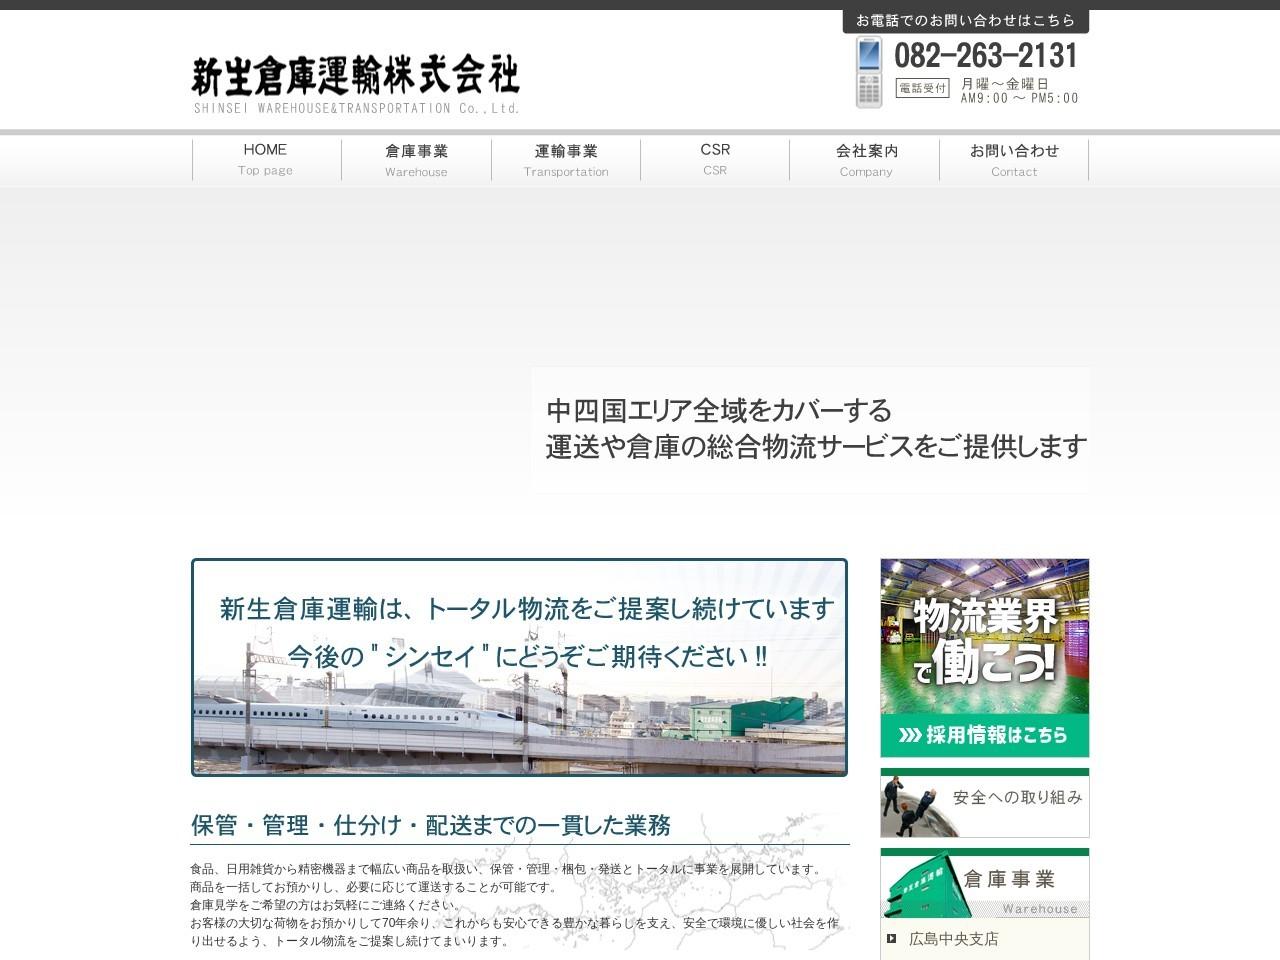 新生倉庫運輸株式会社/岡山支店